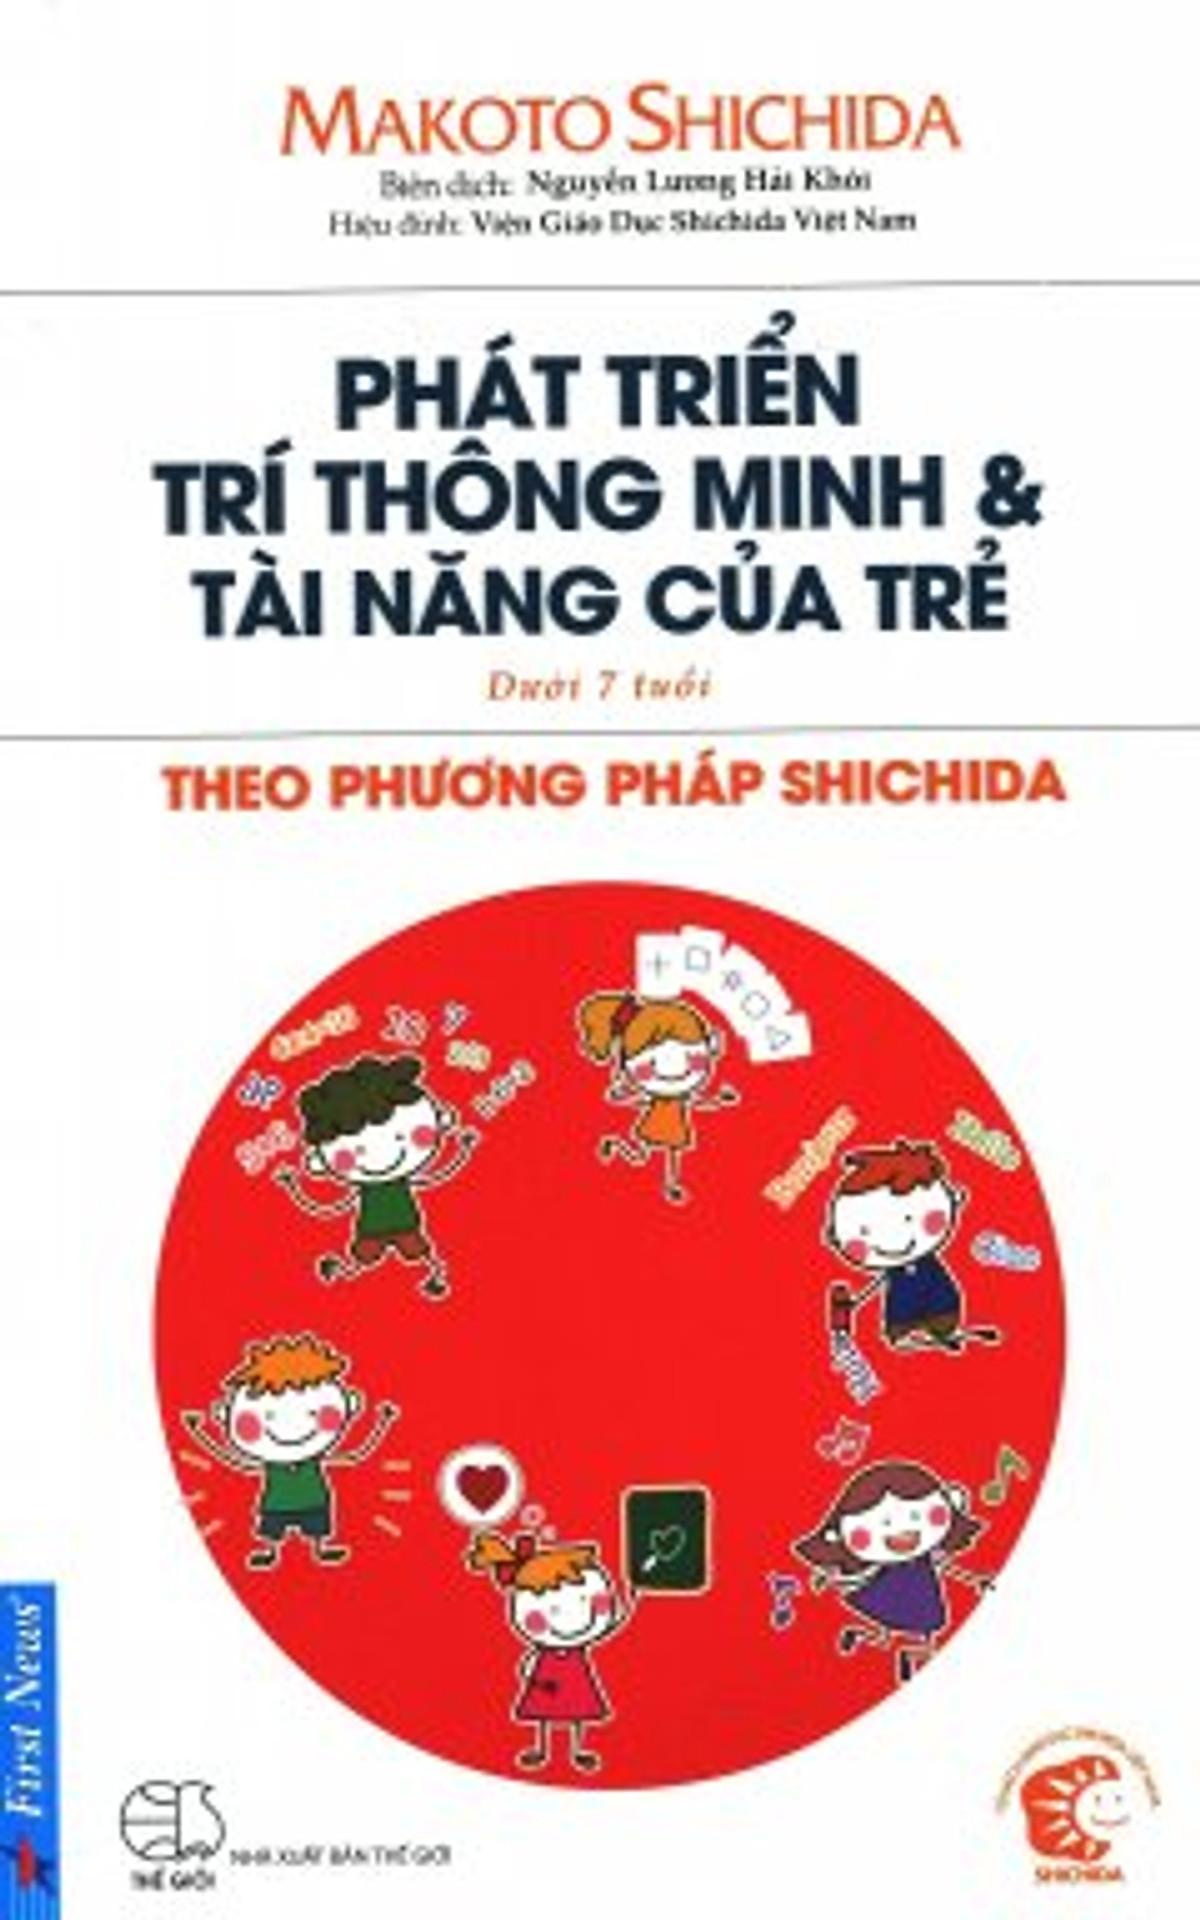 Phát Triển Trí Thông Minh & Tài Năng Của Trẻ Theo Phươgng Pháp Shidachi (Dưới 7 Tuổi)